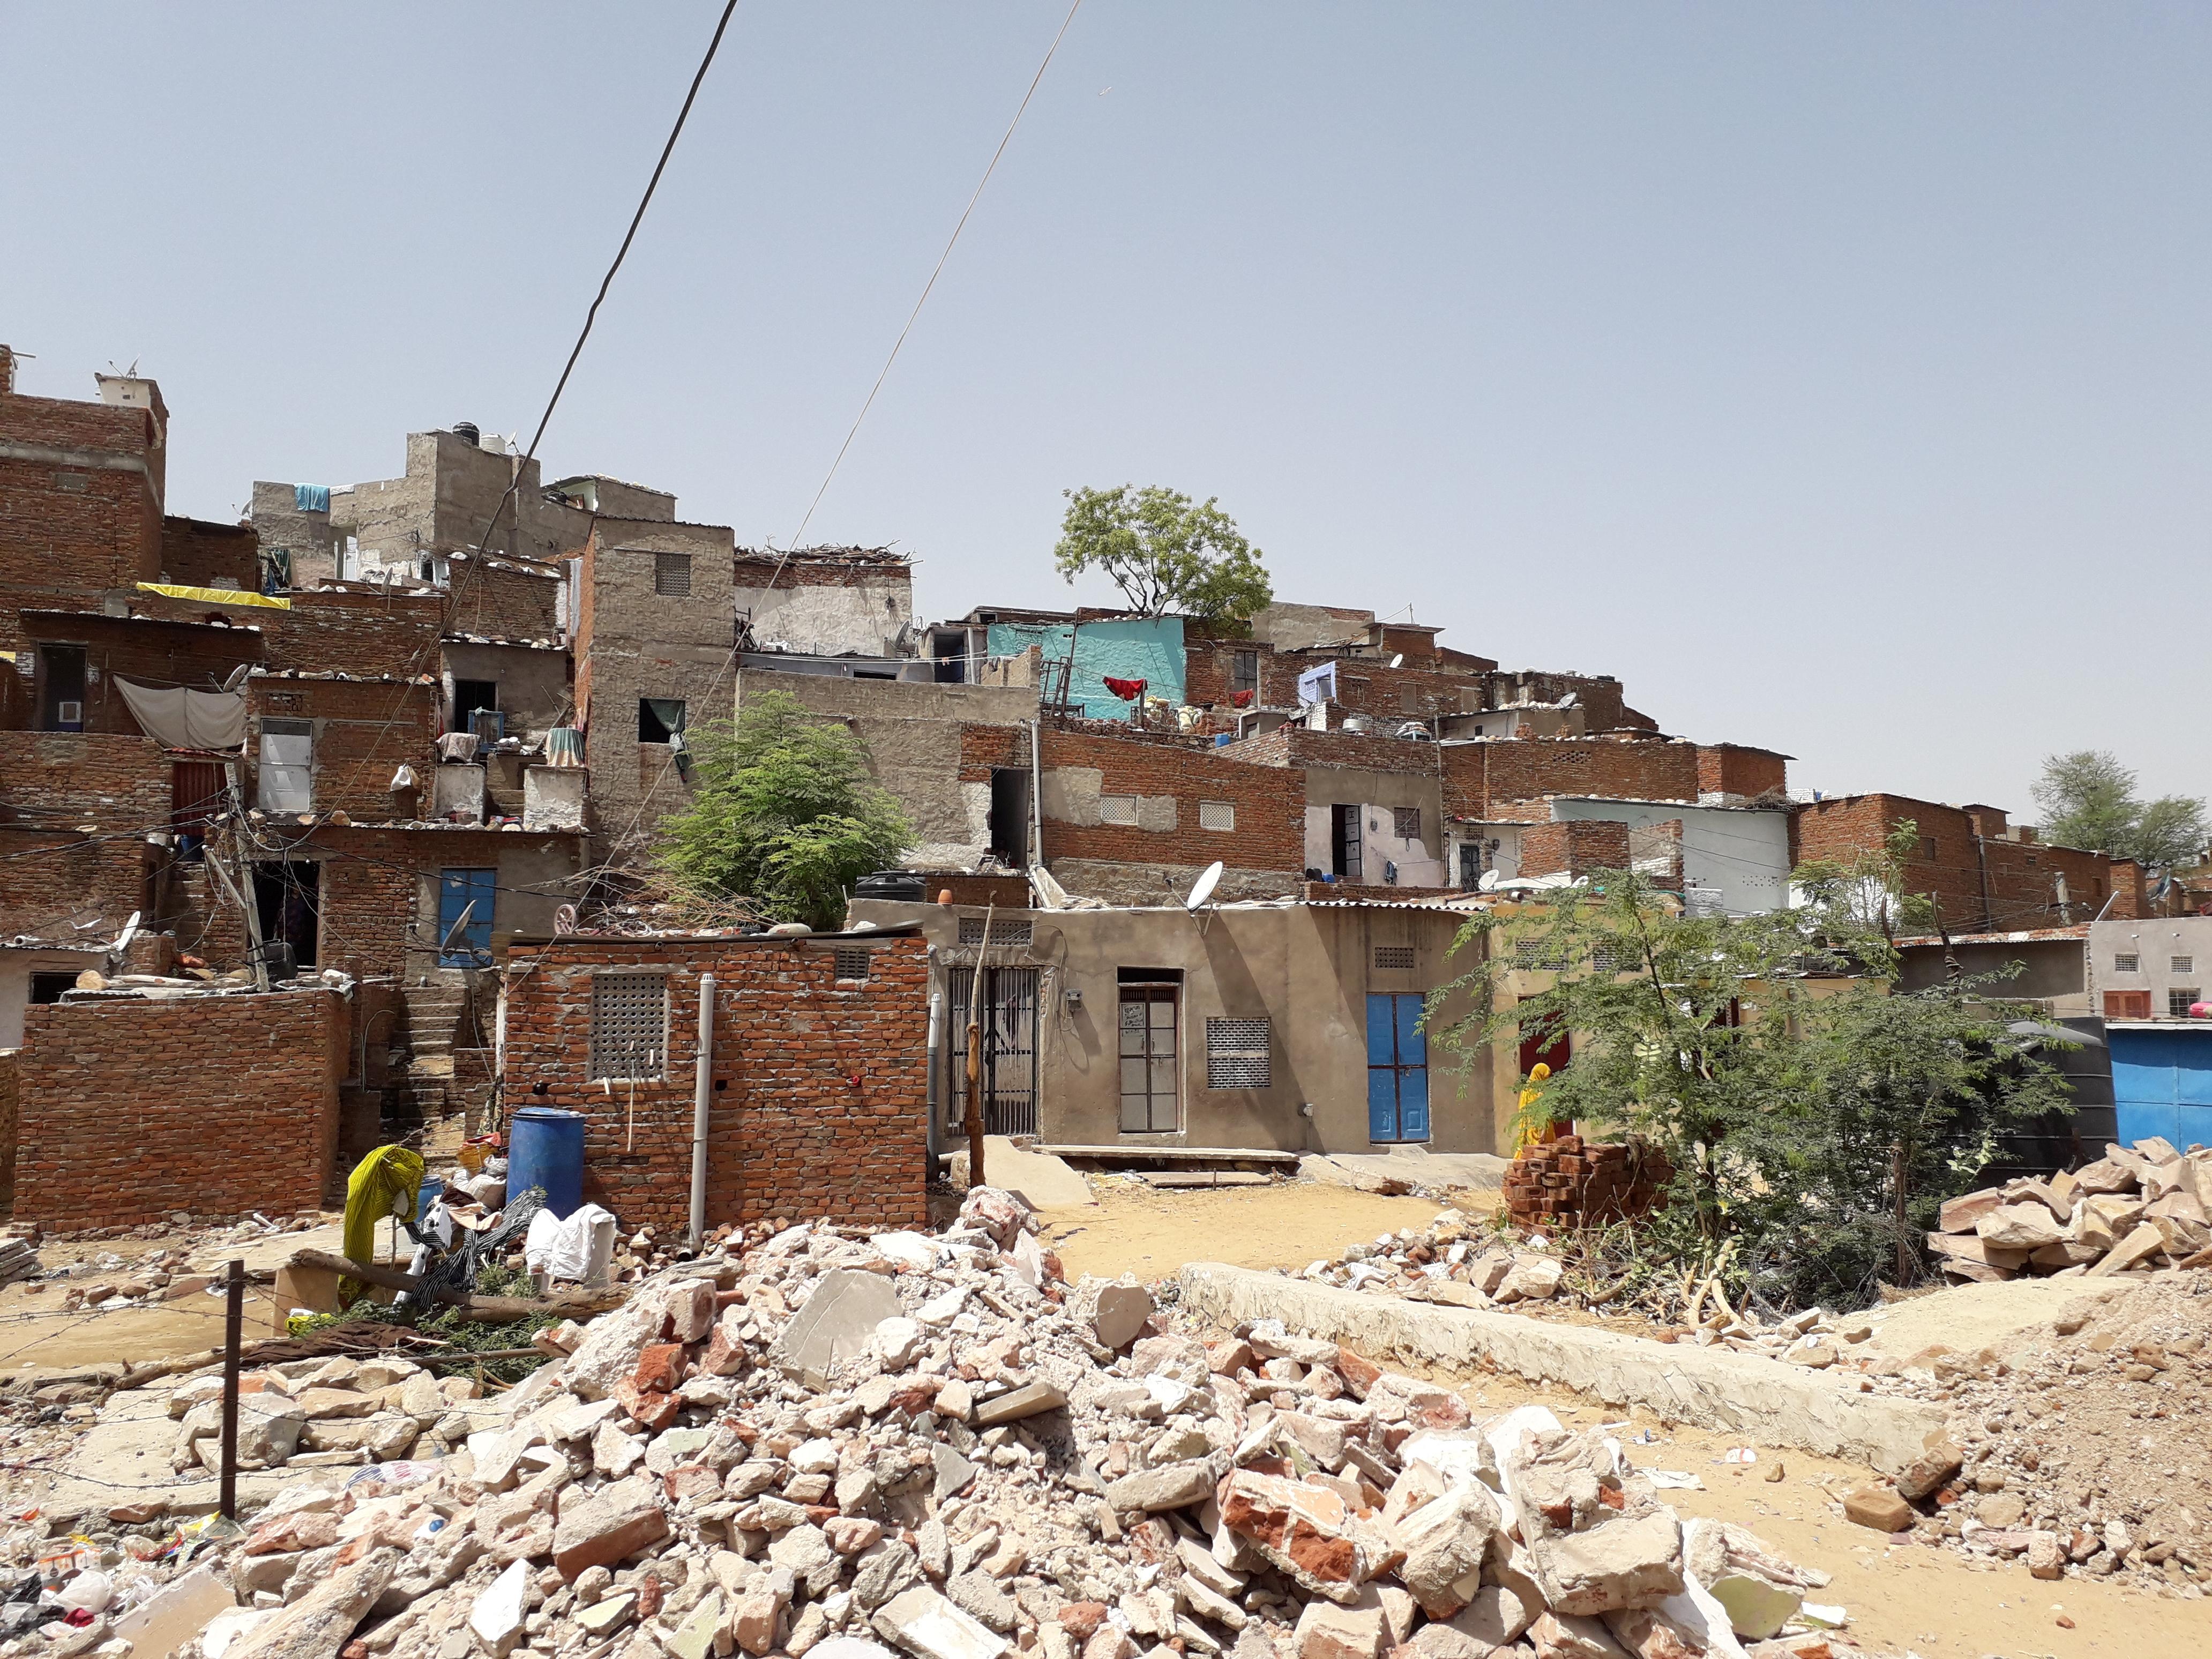 Pune. Market Yard slum alley